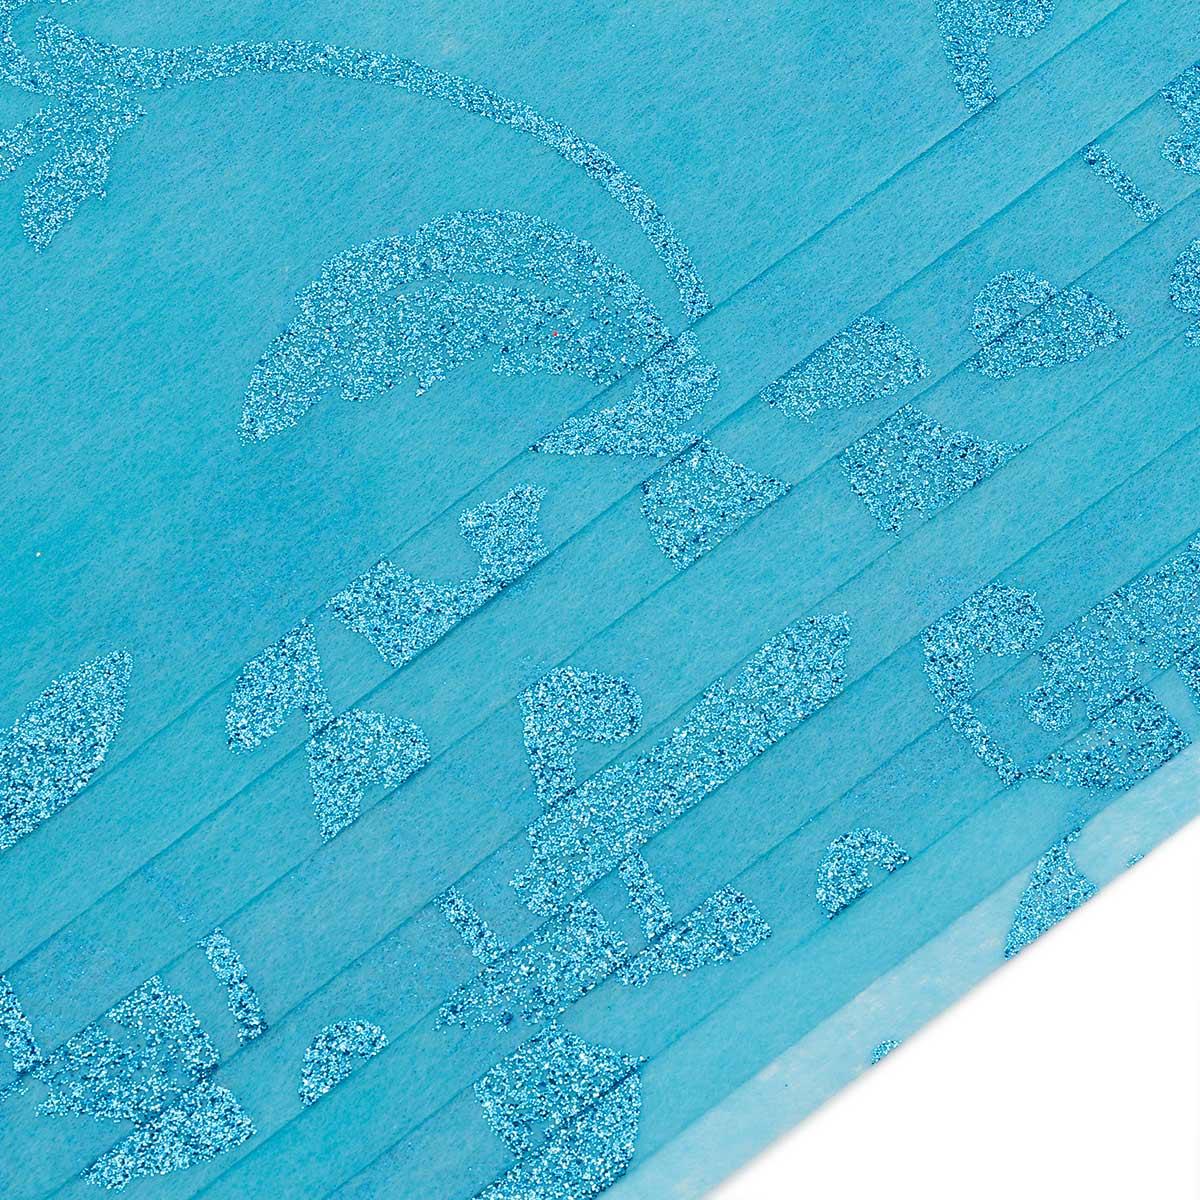 Декоративный нетканный материал для упаковки, рукоделия, флористики A4, 25 гр., 10шт. GN57-30